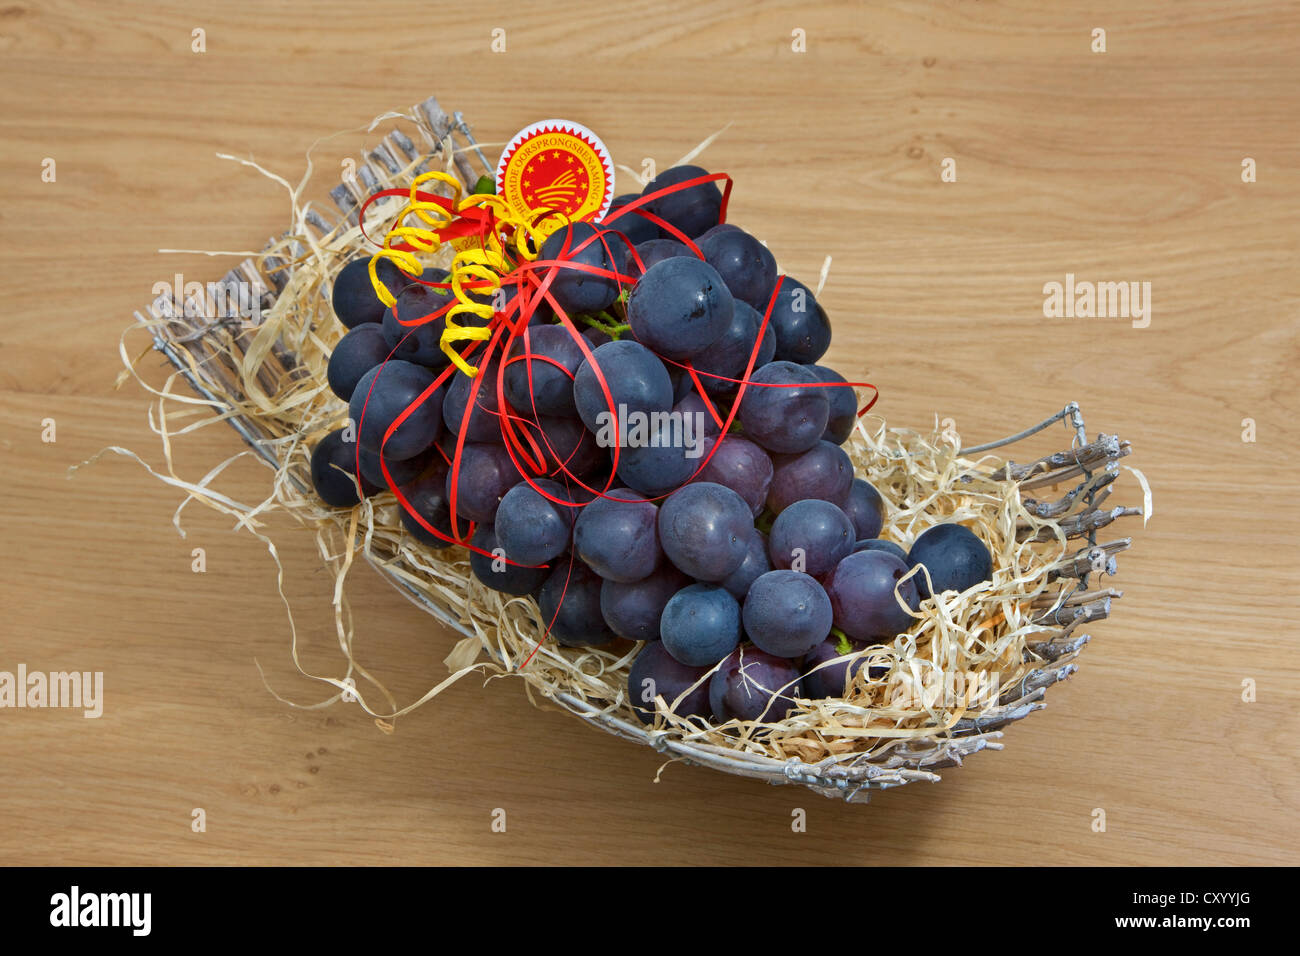 Presentación de azul uva de mesa (Vitis vinifera) de Brabante, Flandes, Bélgica Imagen De Stock